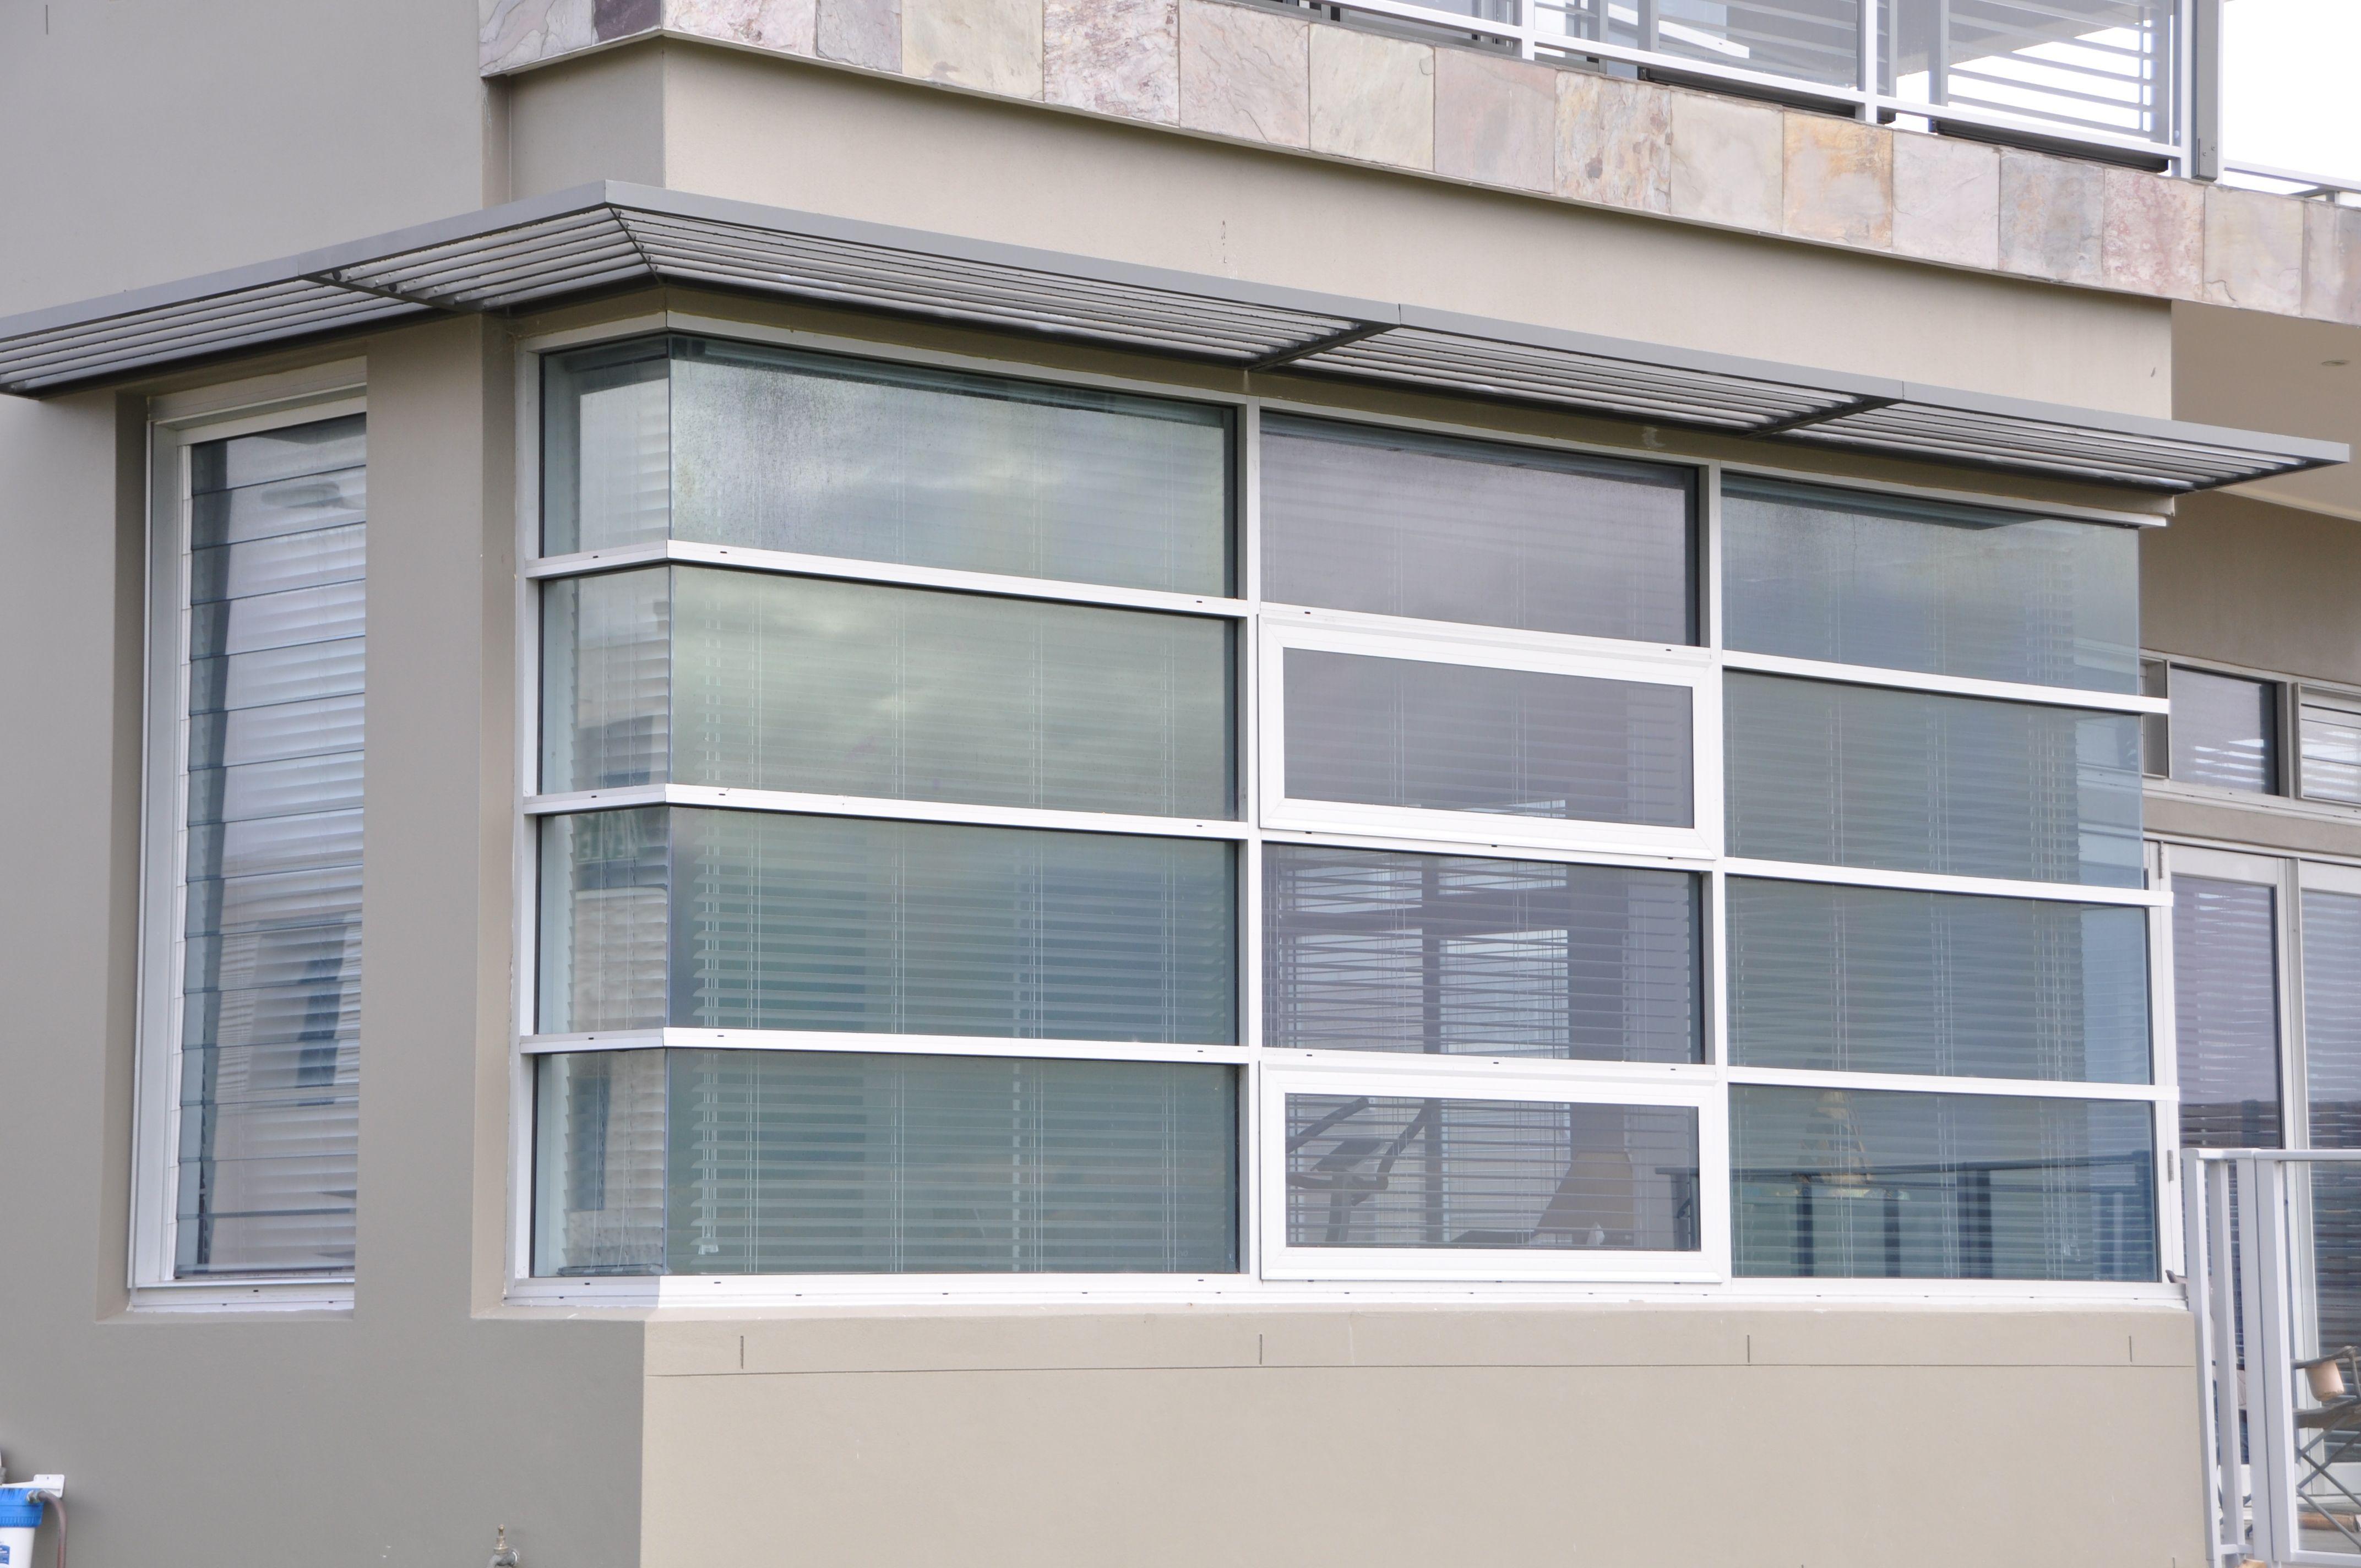 Paragon Awning Window Www Wideline Com Au Awning Windows Windows Window Awnings